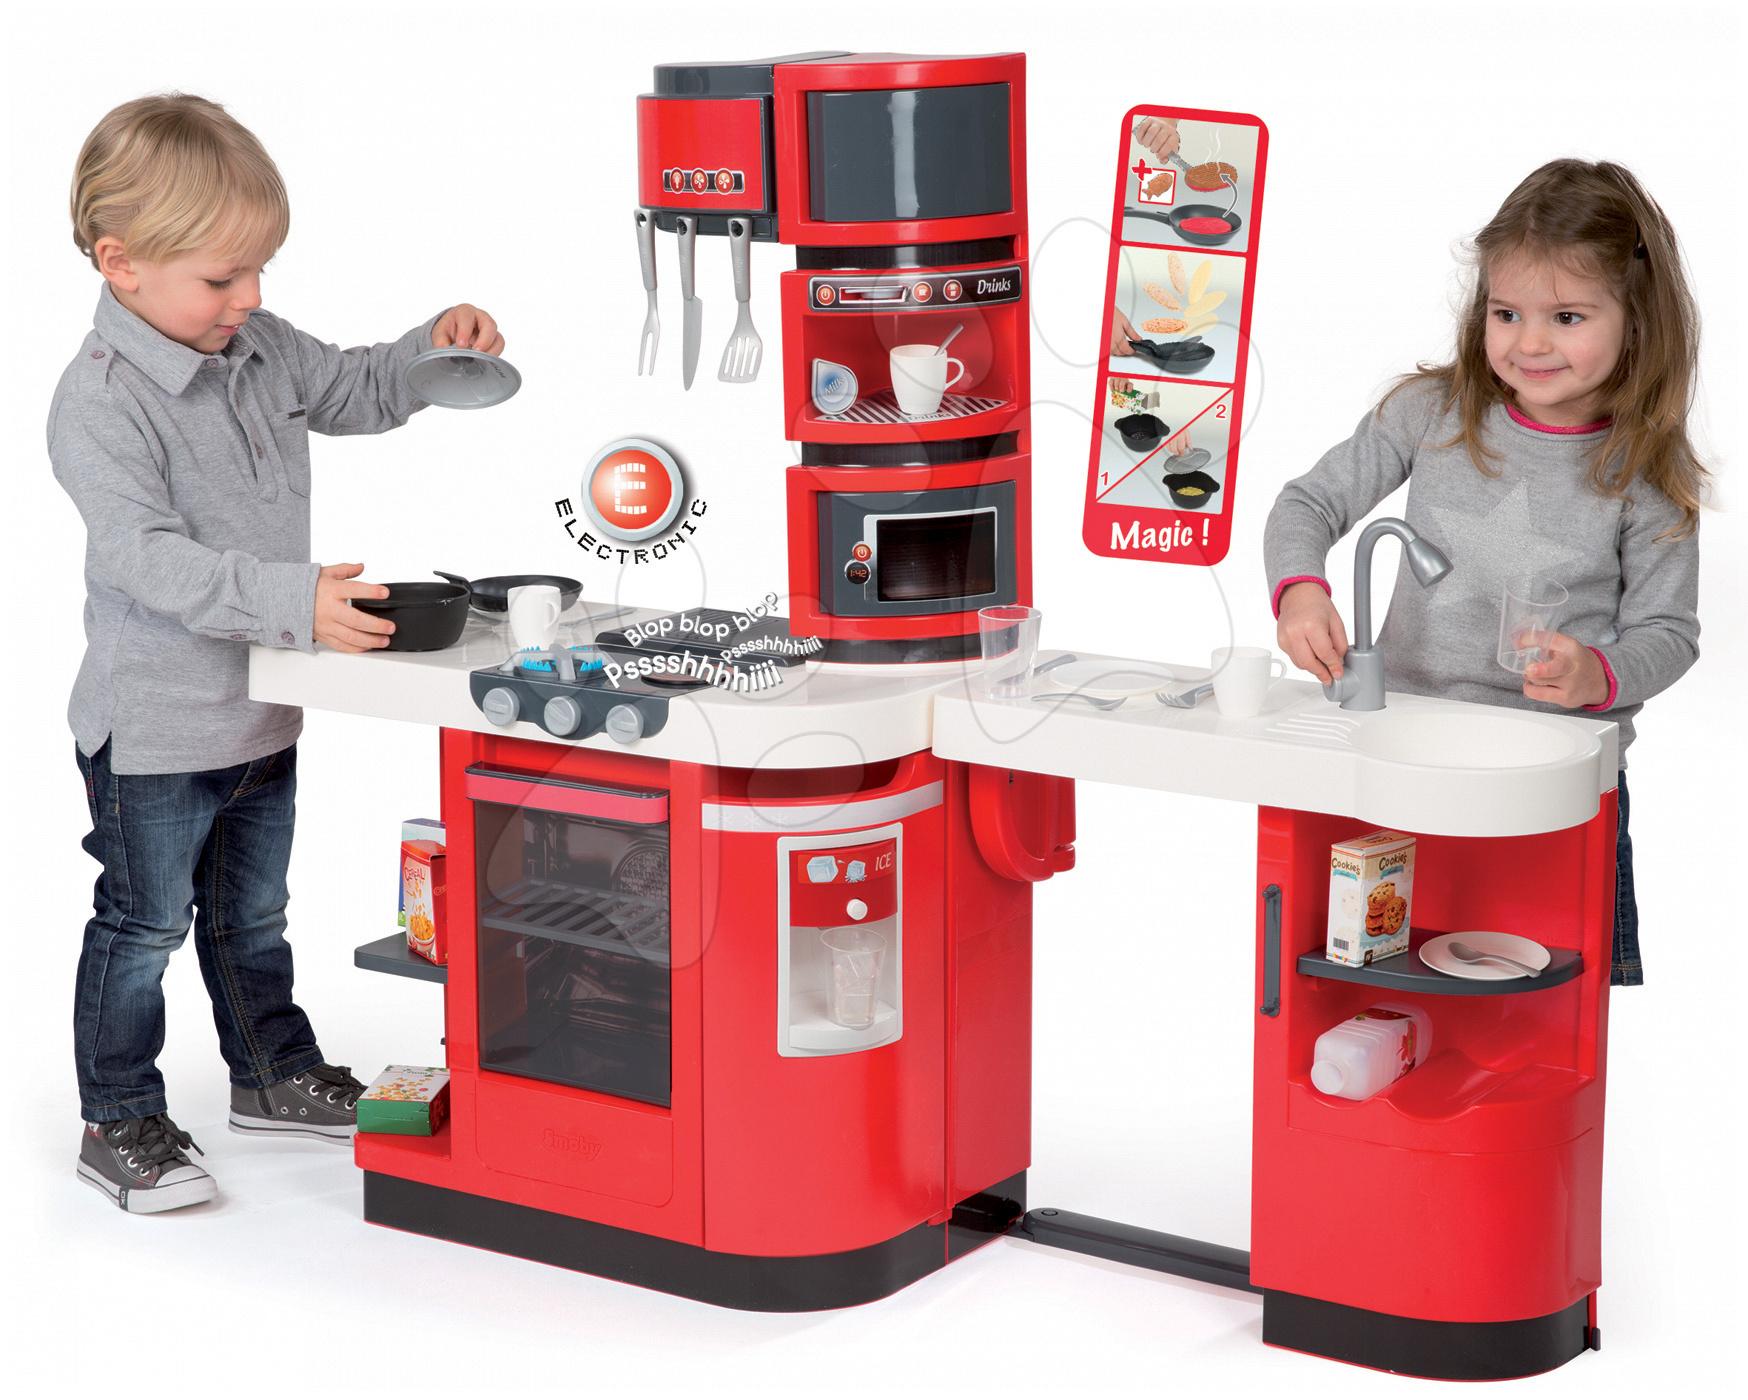 Elektronické kuchynky - Kuchynka CookMaster Smoby elektronická so zvukmi, s ľadom, opečenými potravinami a 36 doplnkami červená